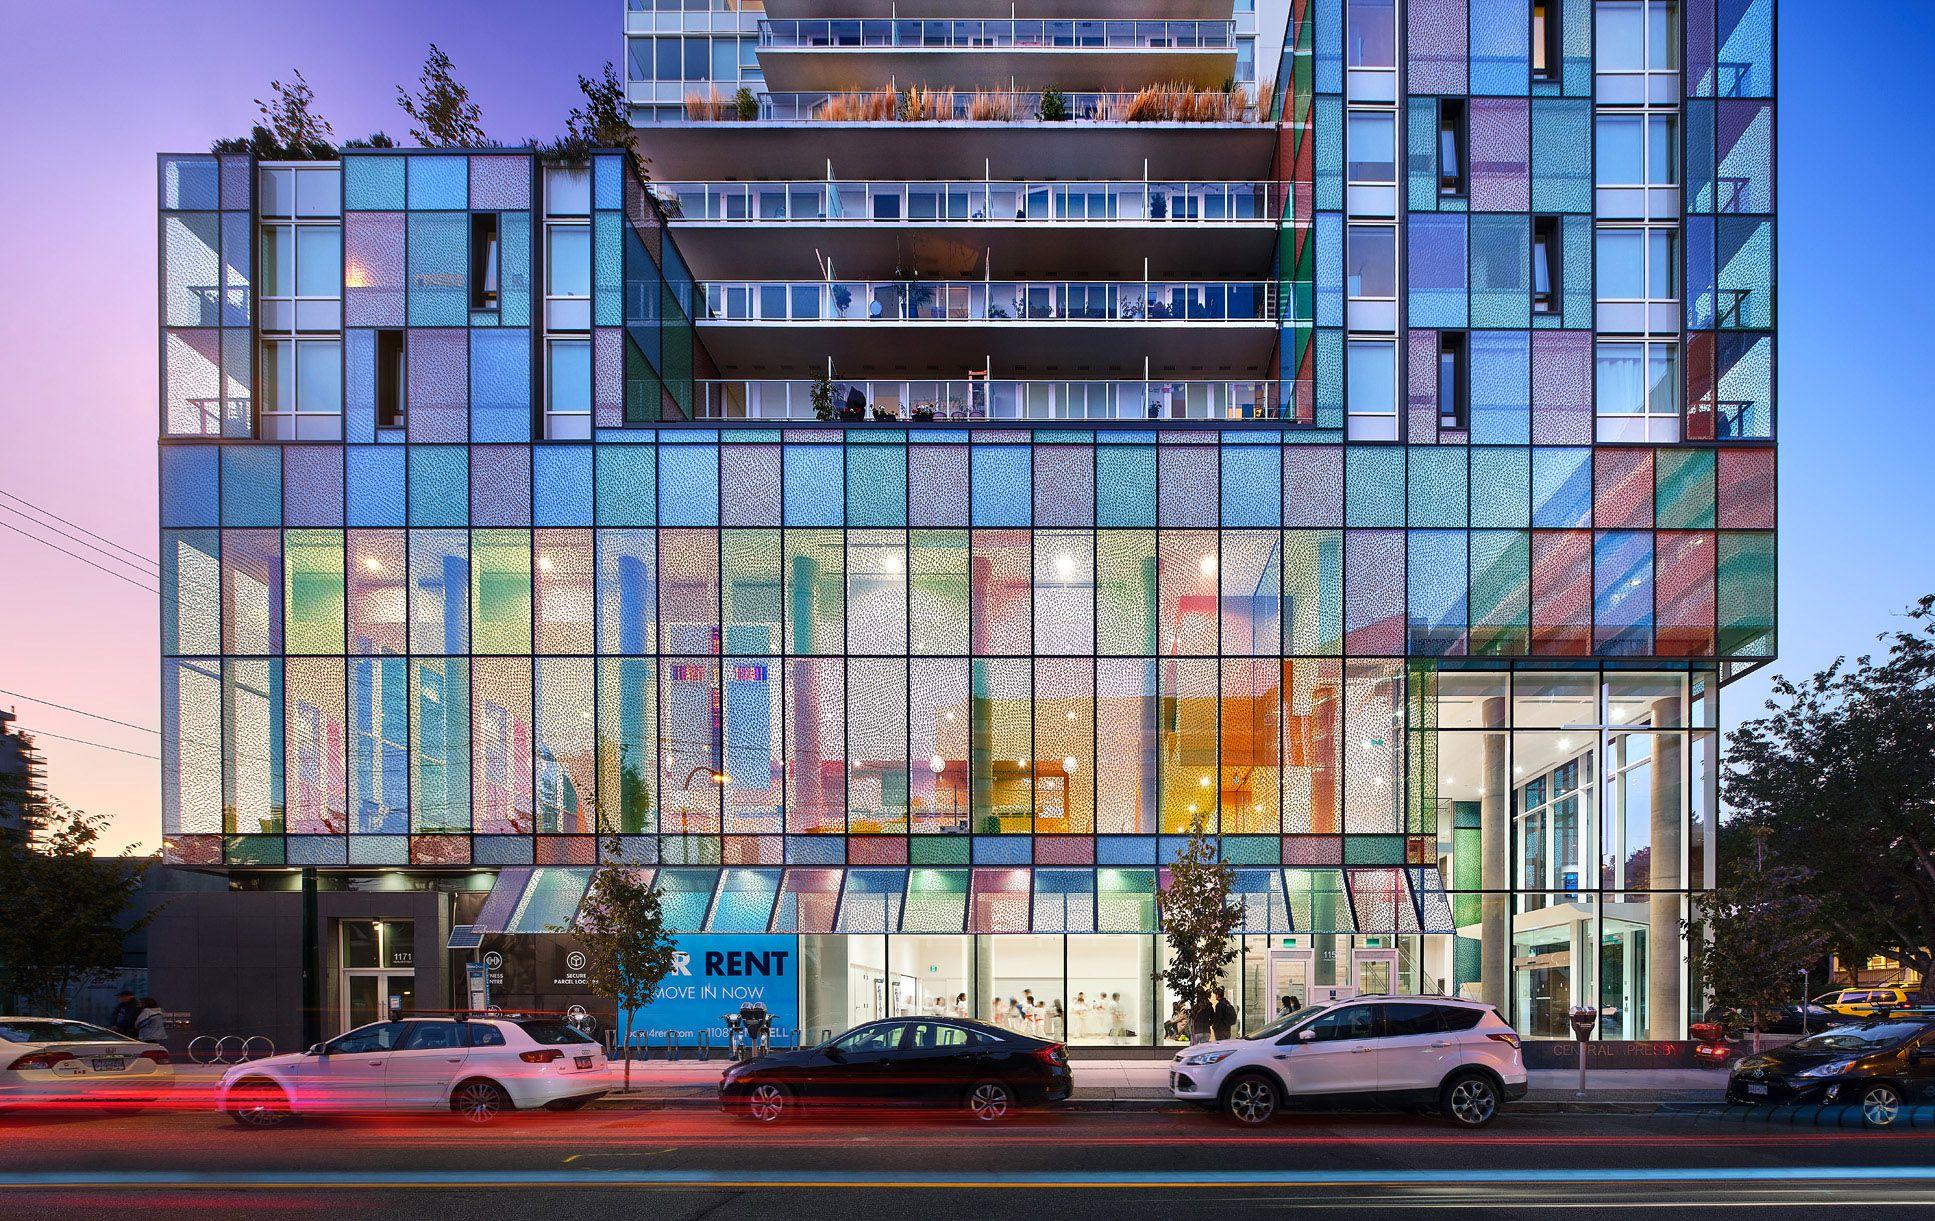 是教堂也是公共藝術,以RGB三原色創造神聖的心靈空間,林明弘公共藝術《RGB》入選Architizer A+ Awards建築大獎